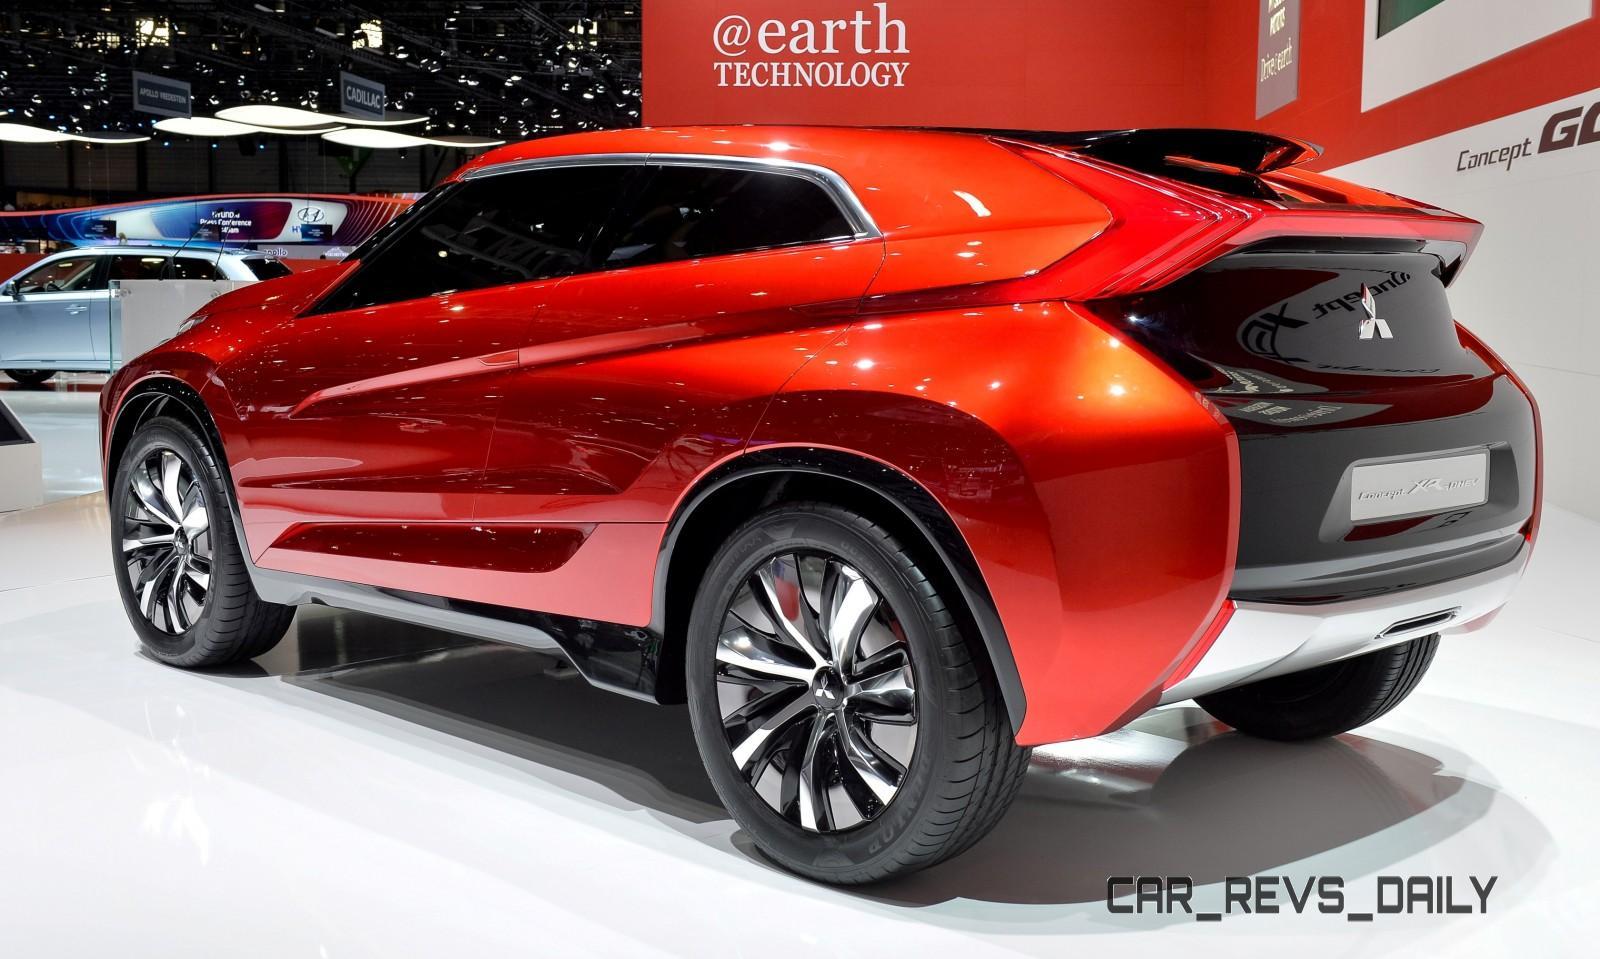 Latest Mitsubishi Exterior Designs Are Bizarre and Alarming 9